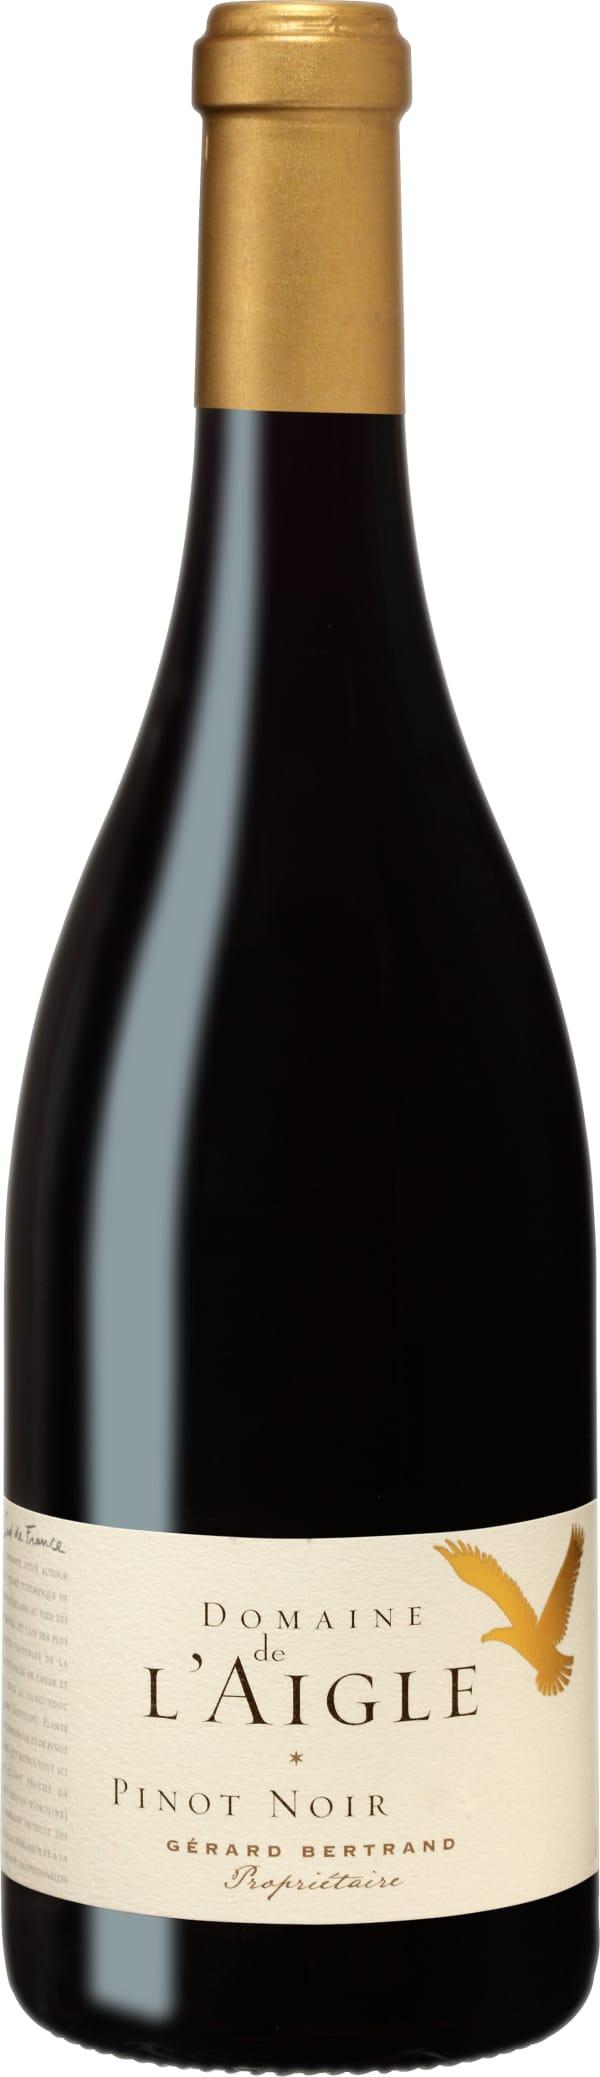 Gérard Bertrand Domaine de l'Aigle Pinot Noir 2013